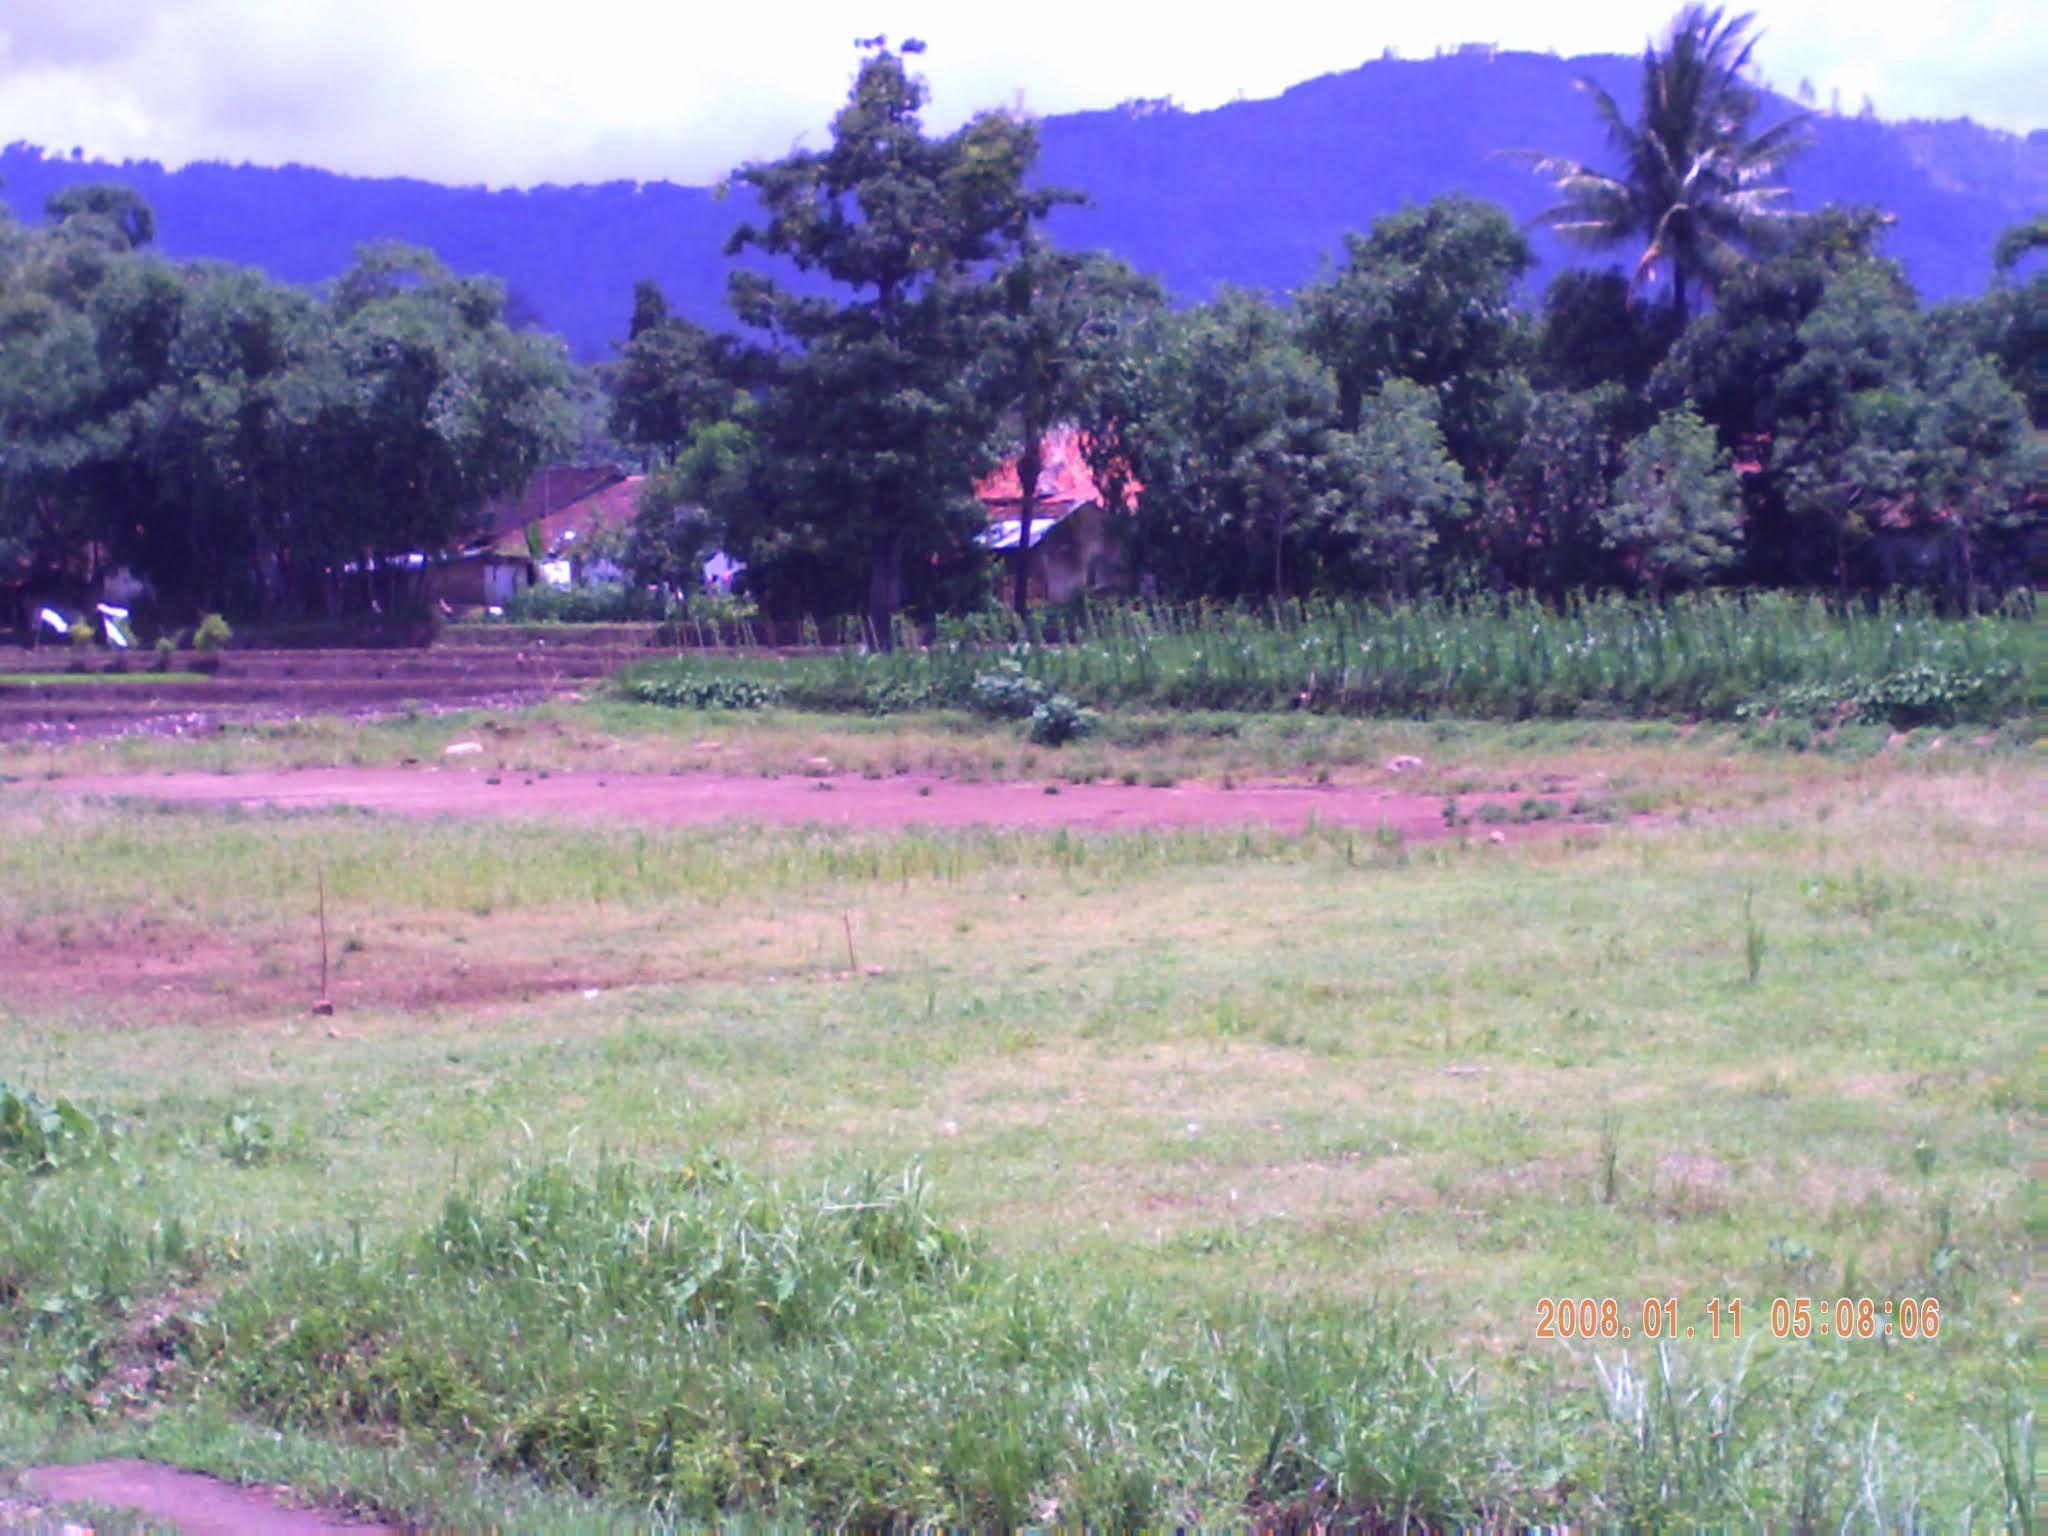 Panduan-Membeli-Tanah-dan-Rumah-Ketahui-Jenis-Surat-surat-Tanah-dan-Rumah-SHM-SHGB-Girik-AJB-dan-SHRS